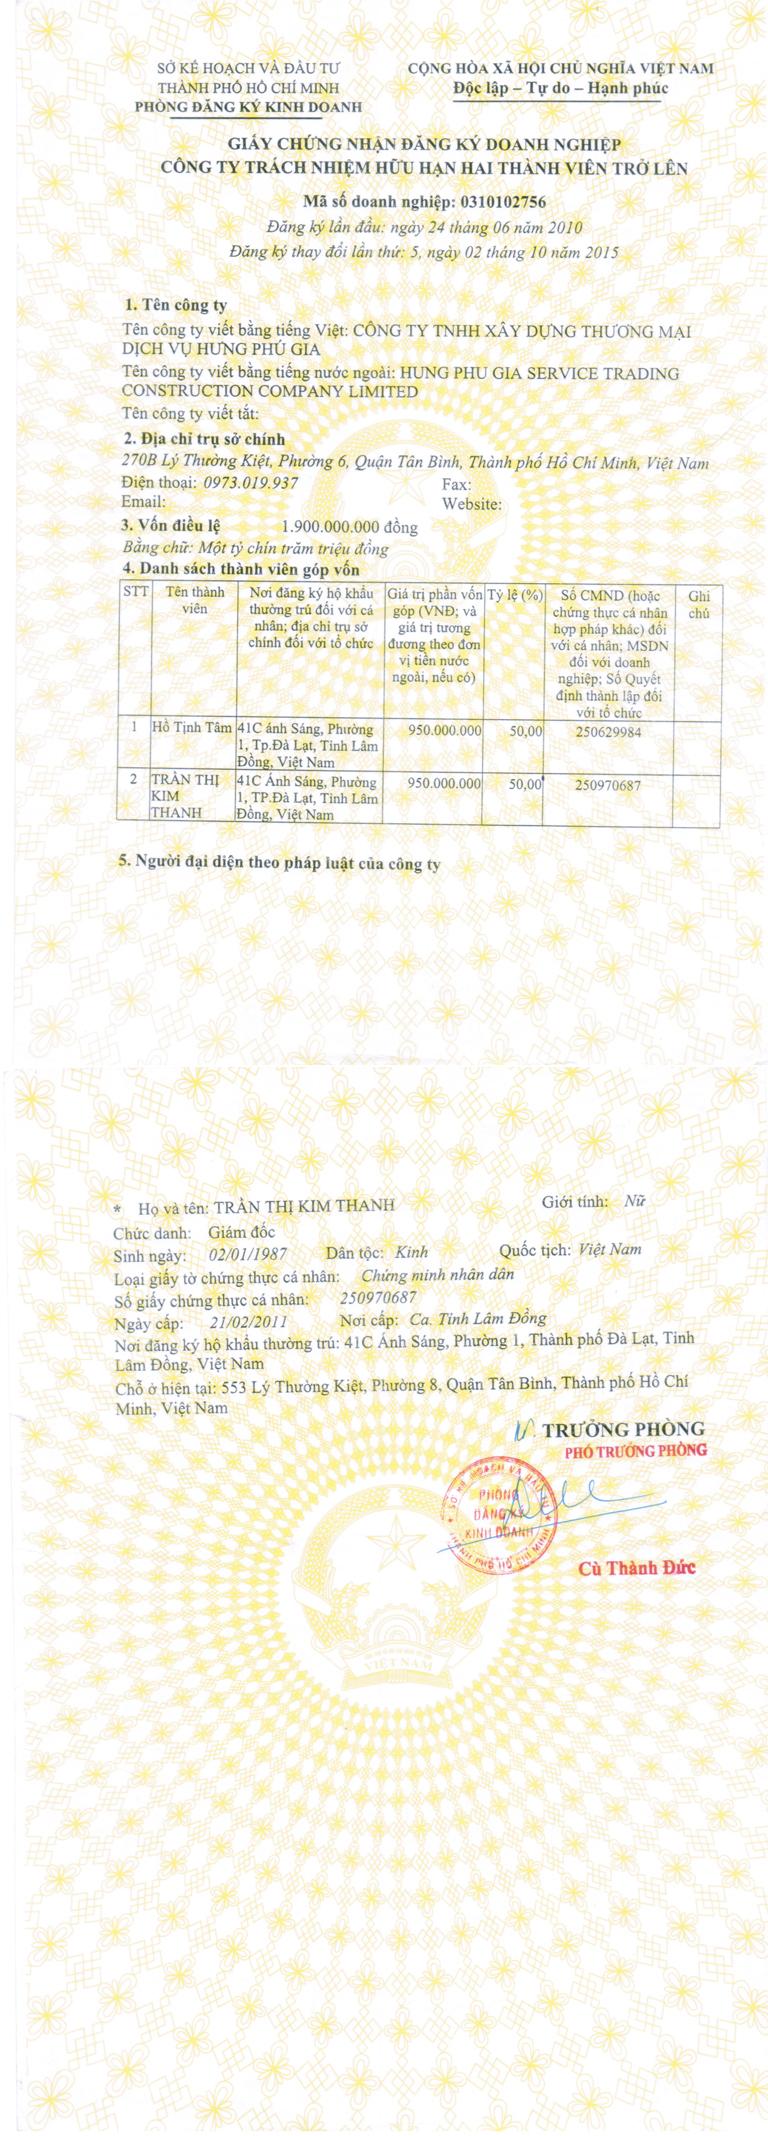 Giấy phép đăng ký kinh doanh của Hưng Phú Gia